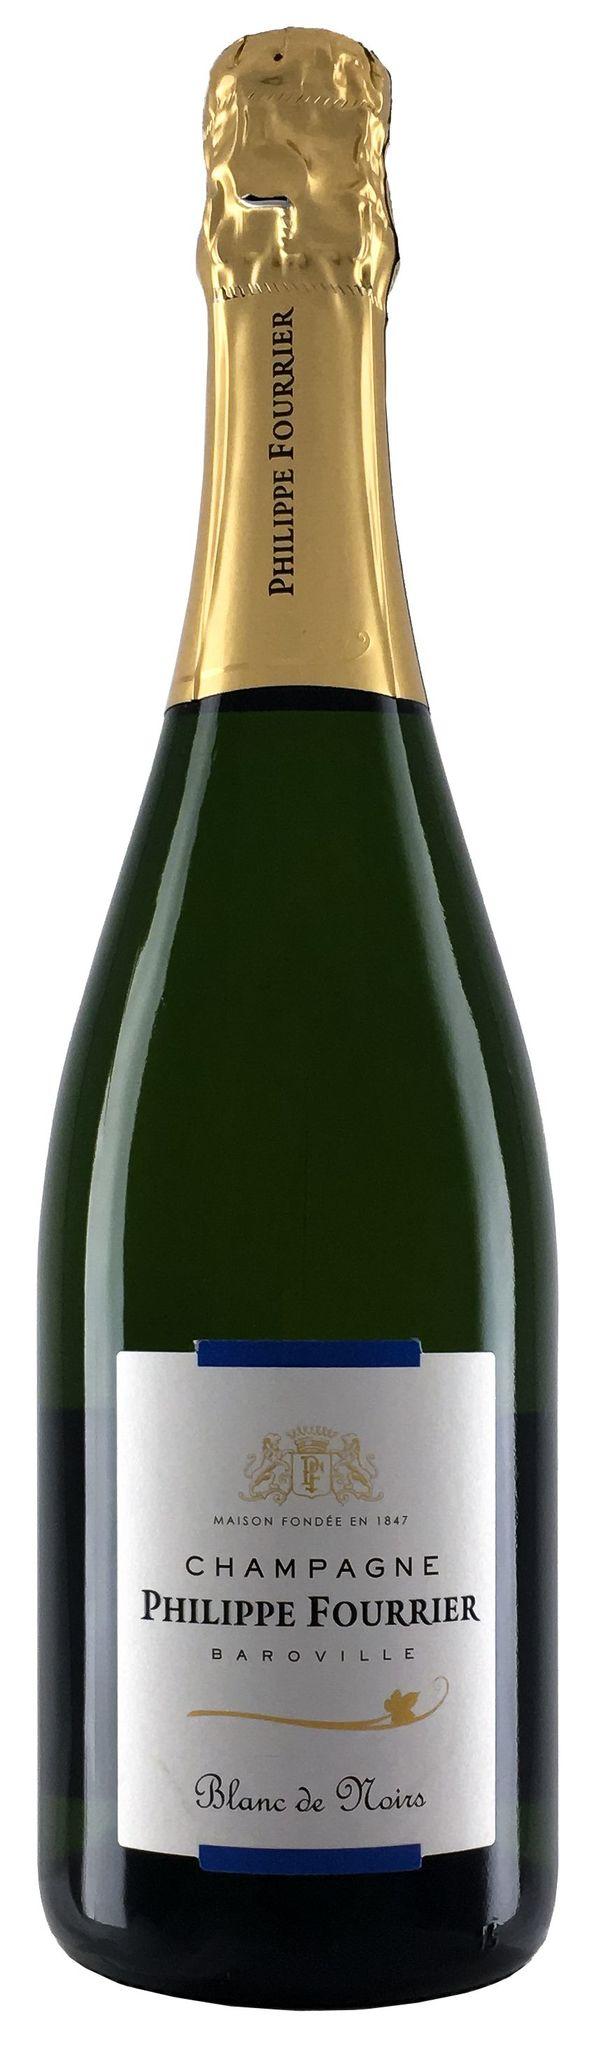 Шампанское Филипп Фурье Карт д'Ор брют белое з.н.м.п регион Шампань 0,75л.